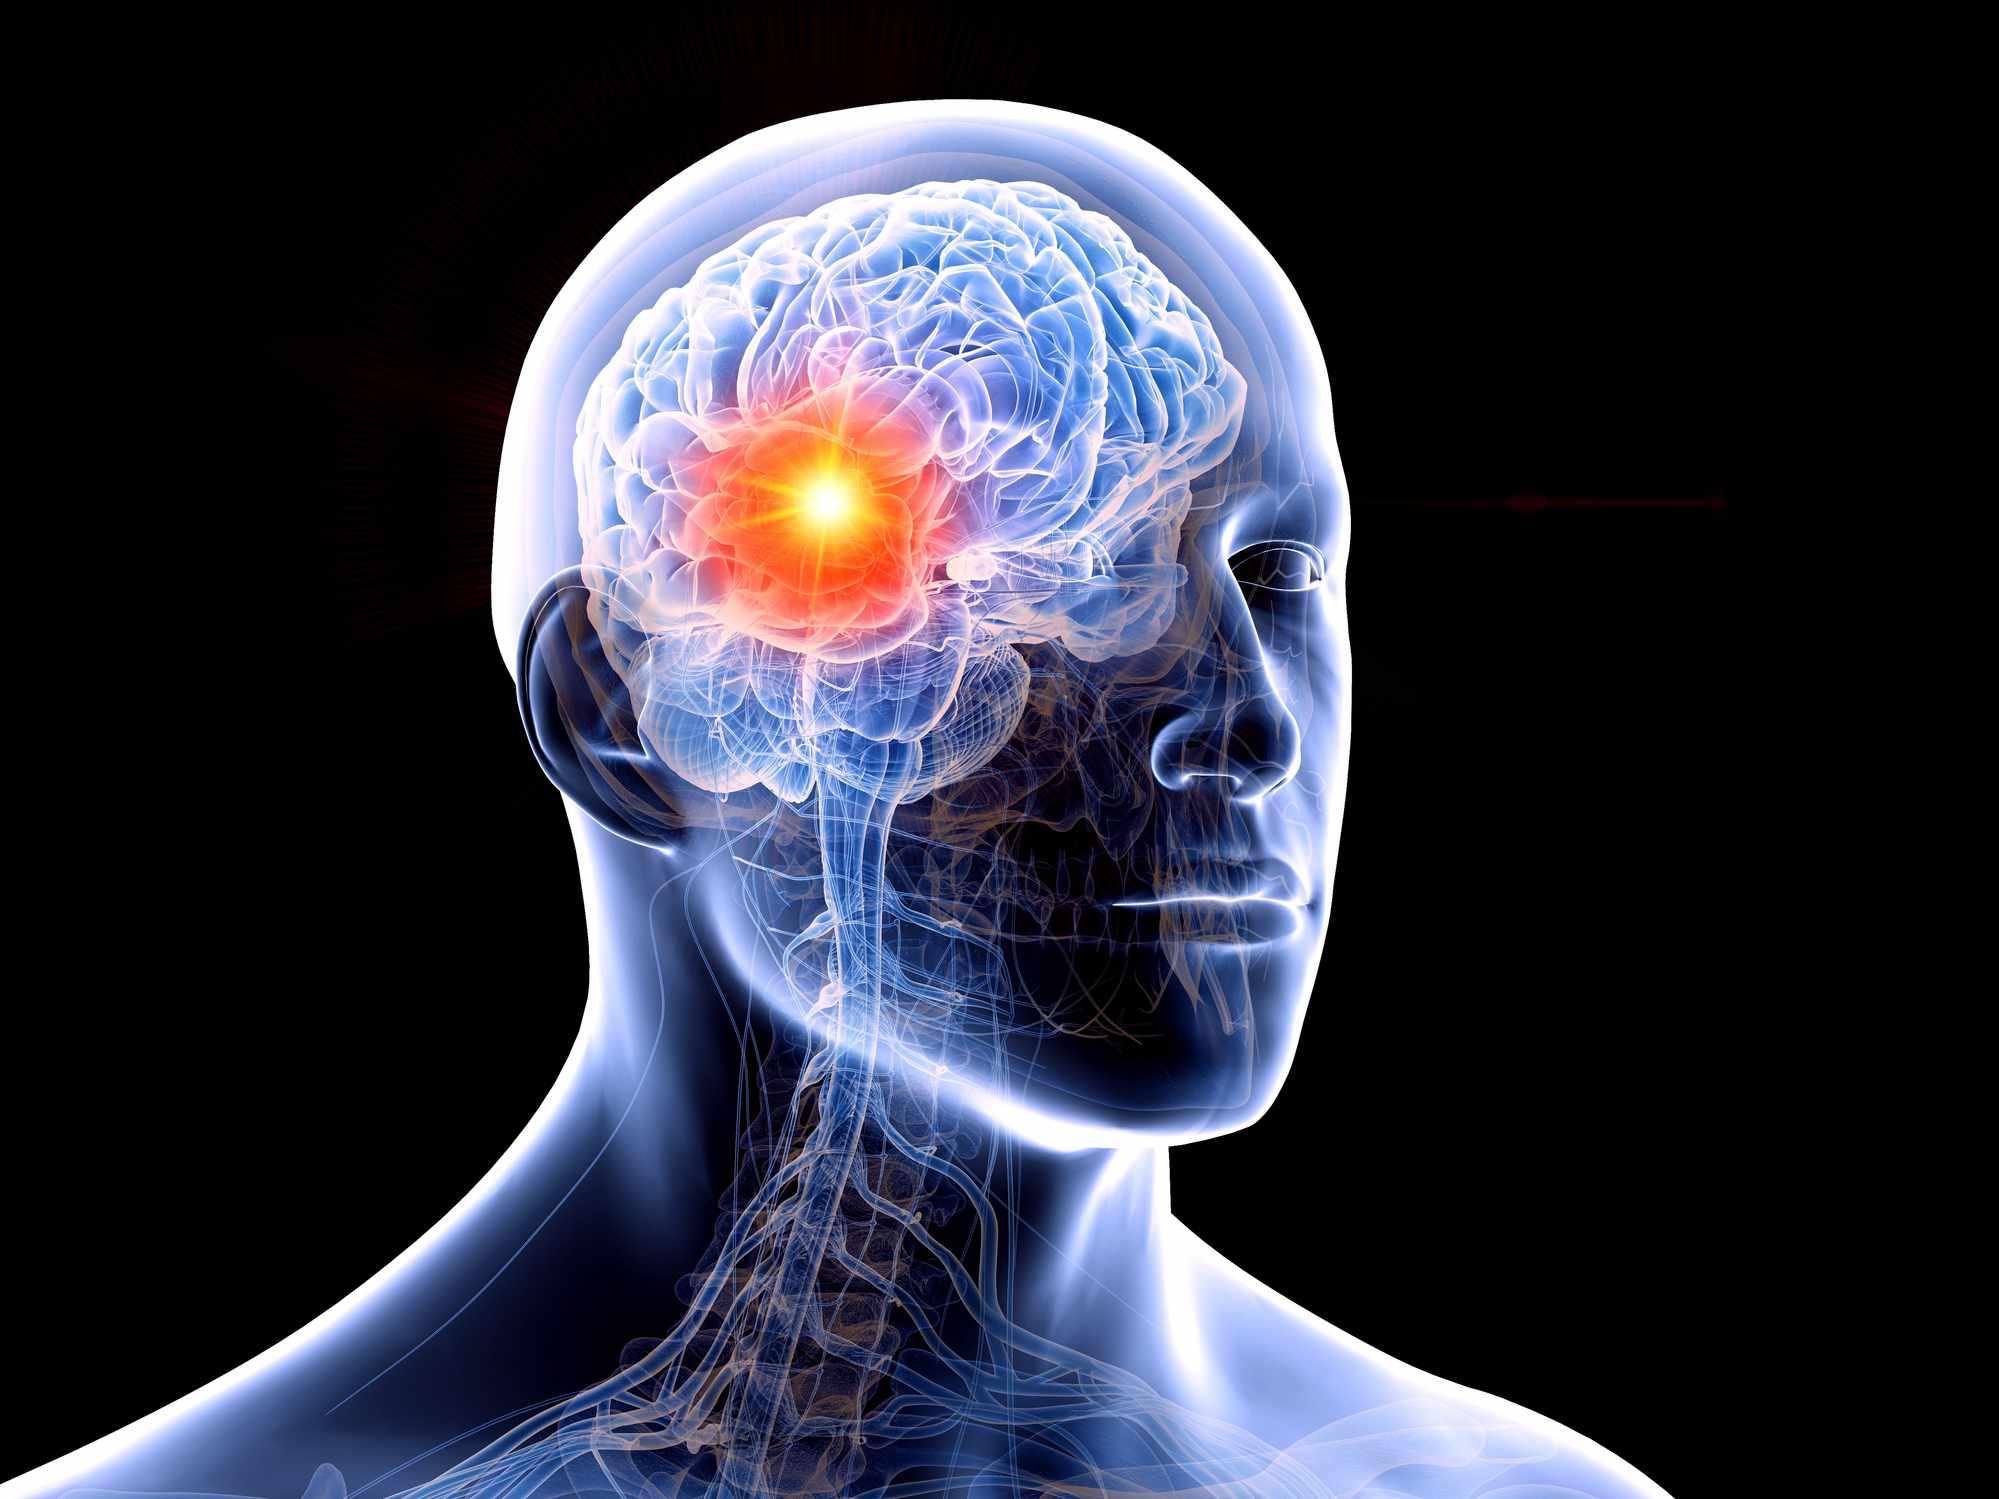 تومور مغزی و افسردگی